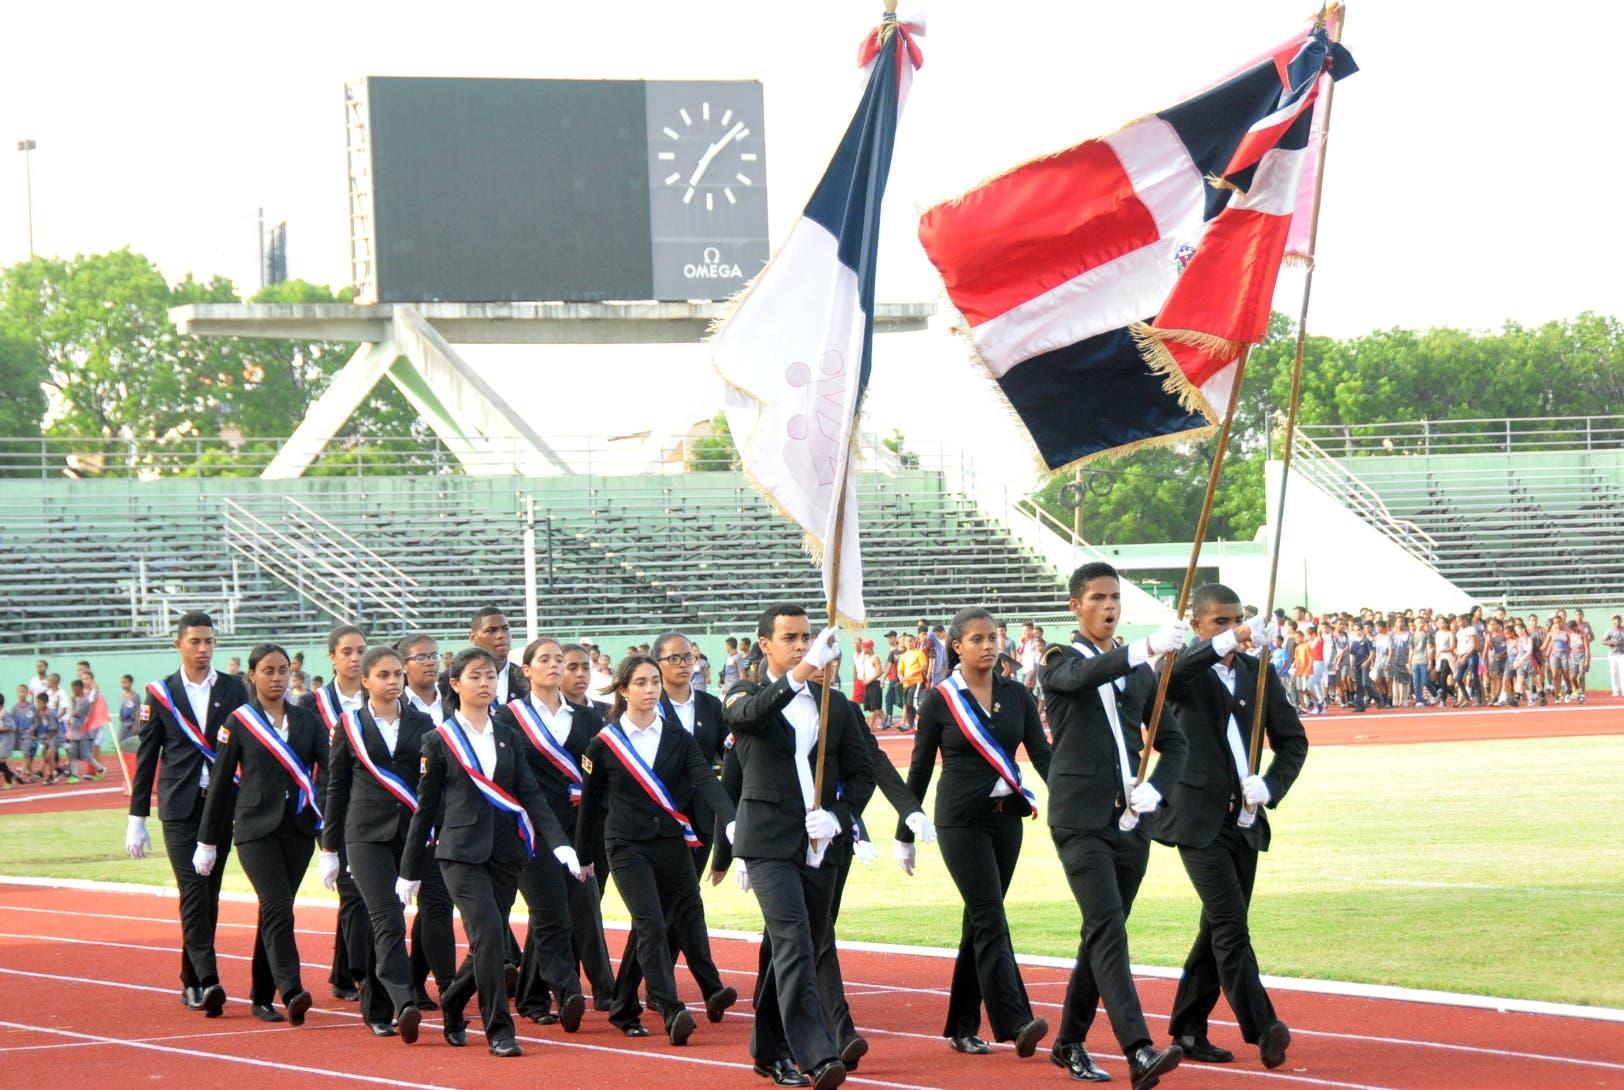 Parte de los atletas y la banda de honor durante la ceremonia de los Juegos Nacionales Salesianos.